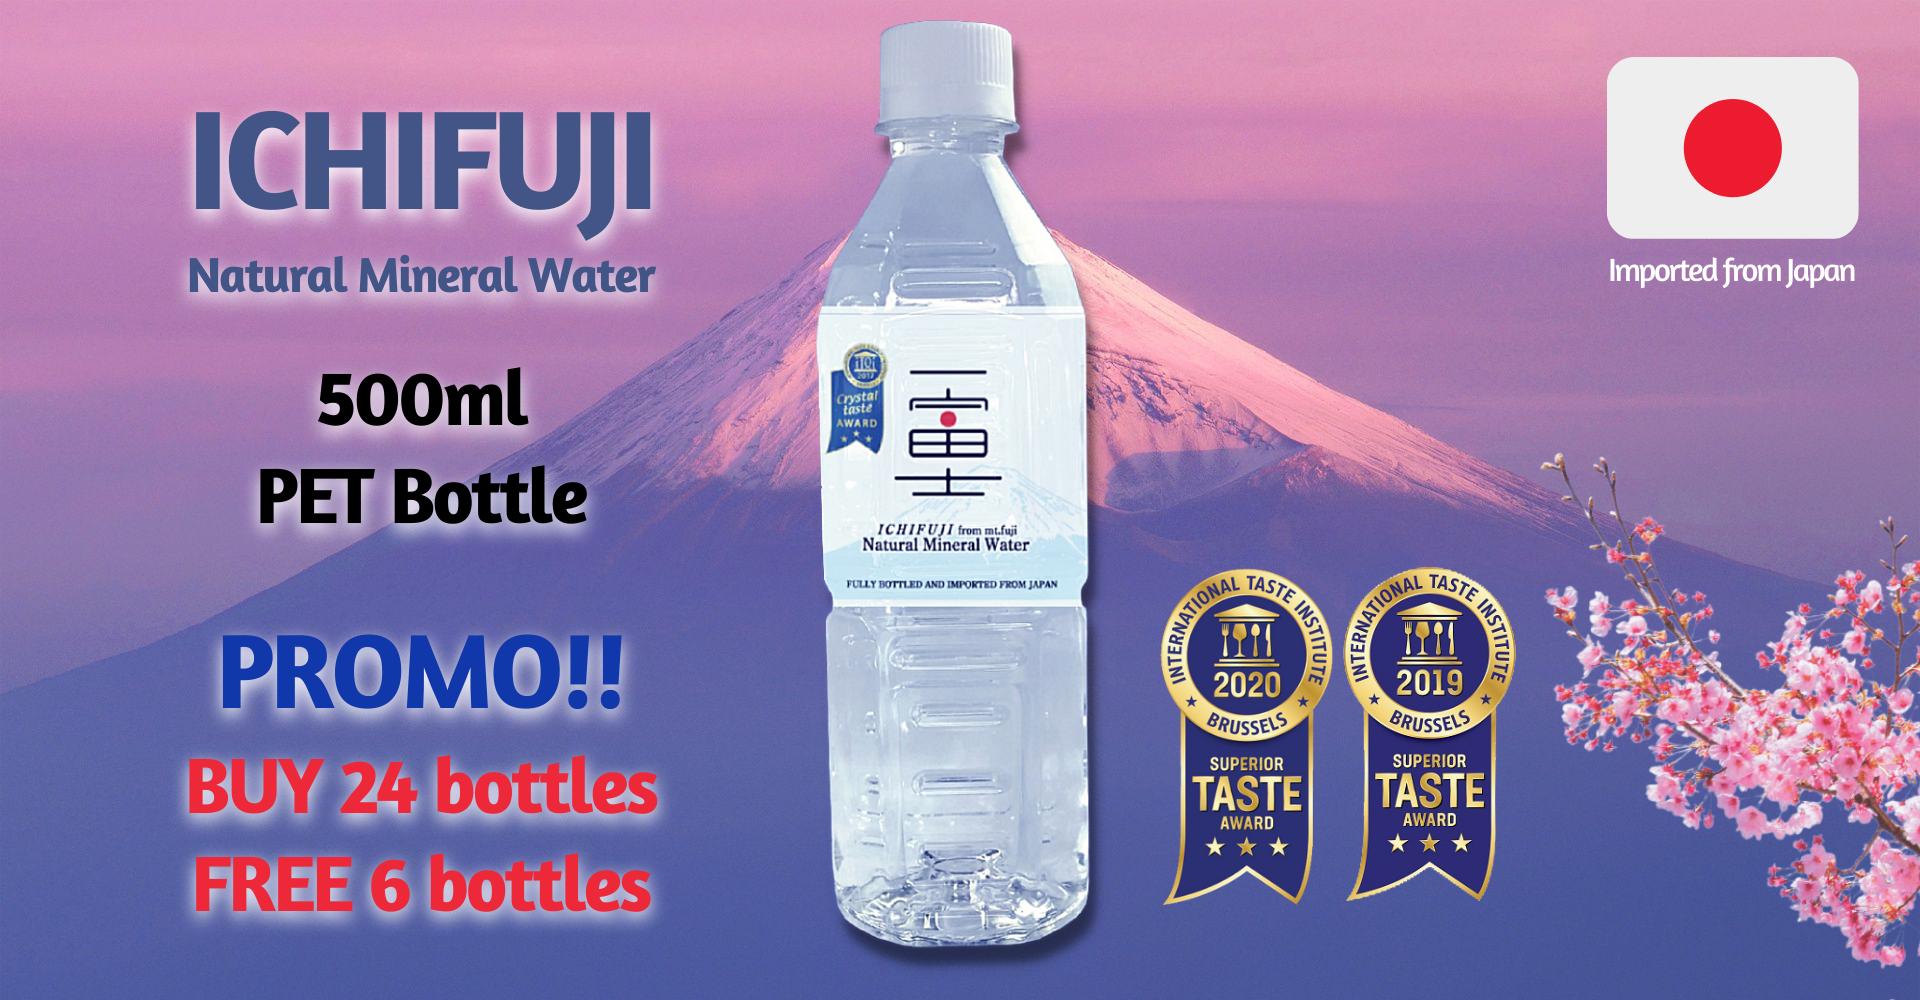 Ichifuji Natural Water